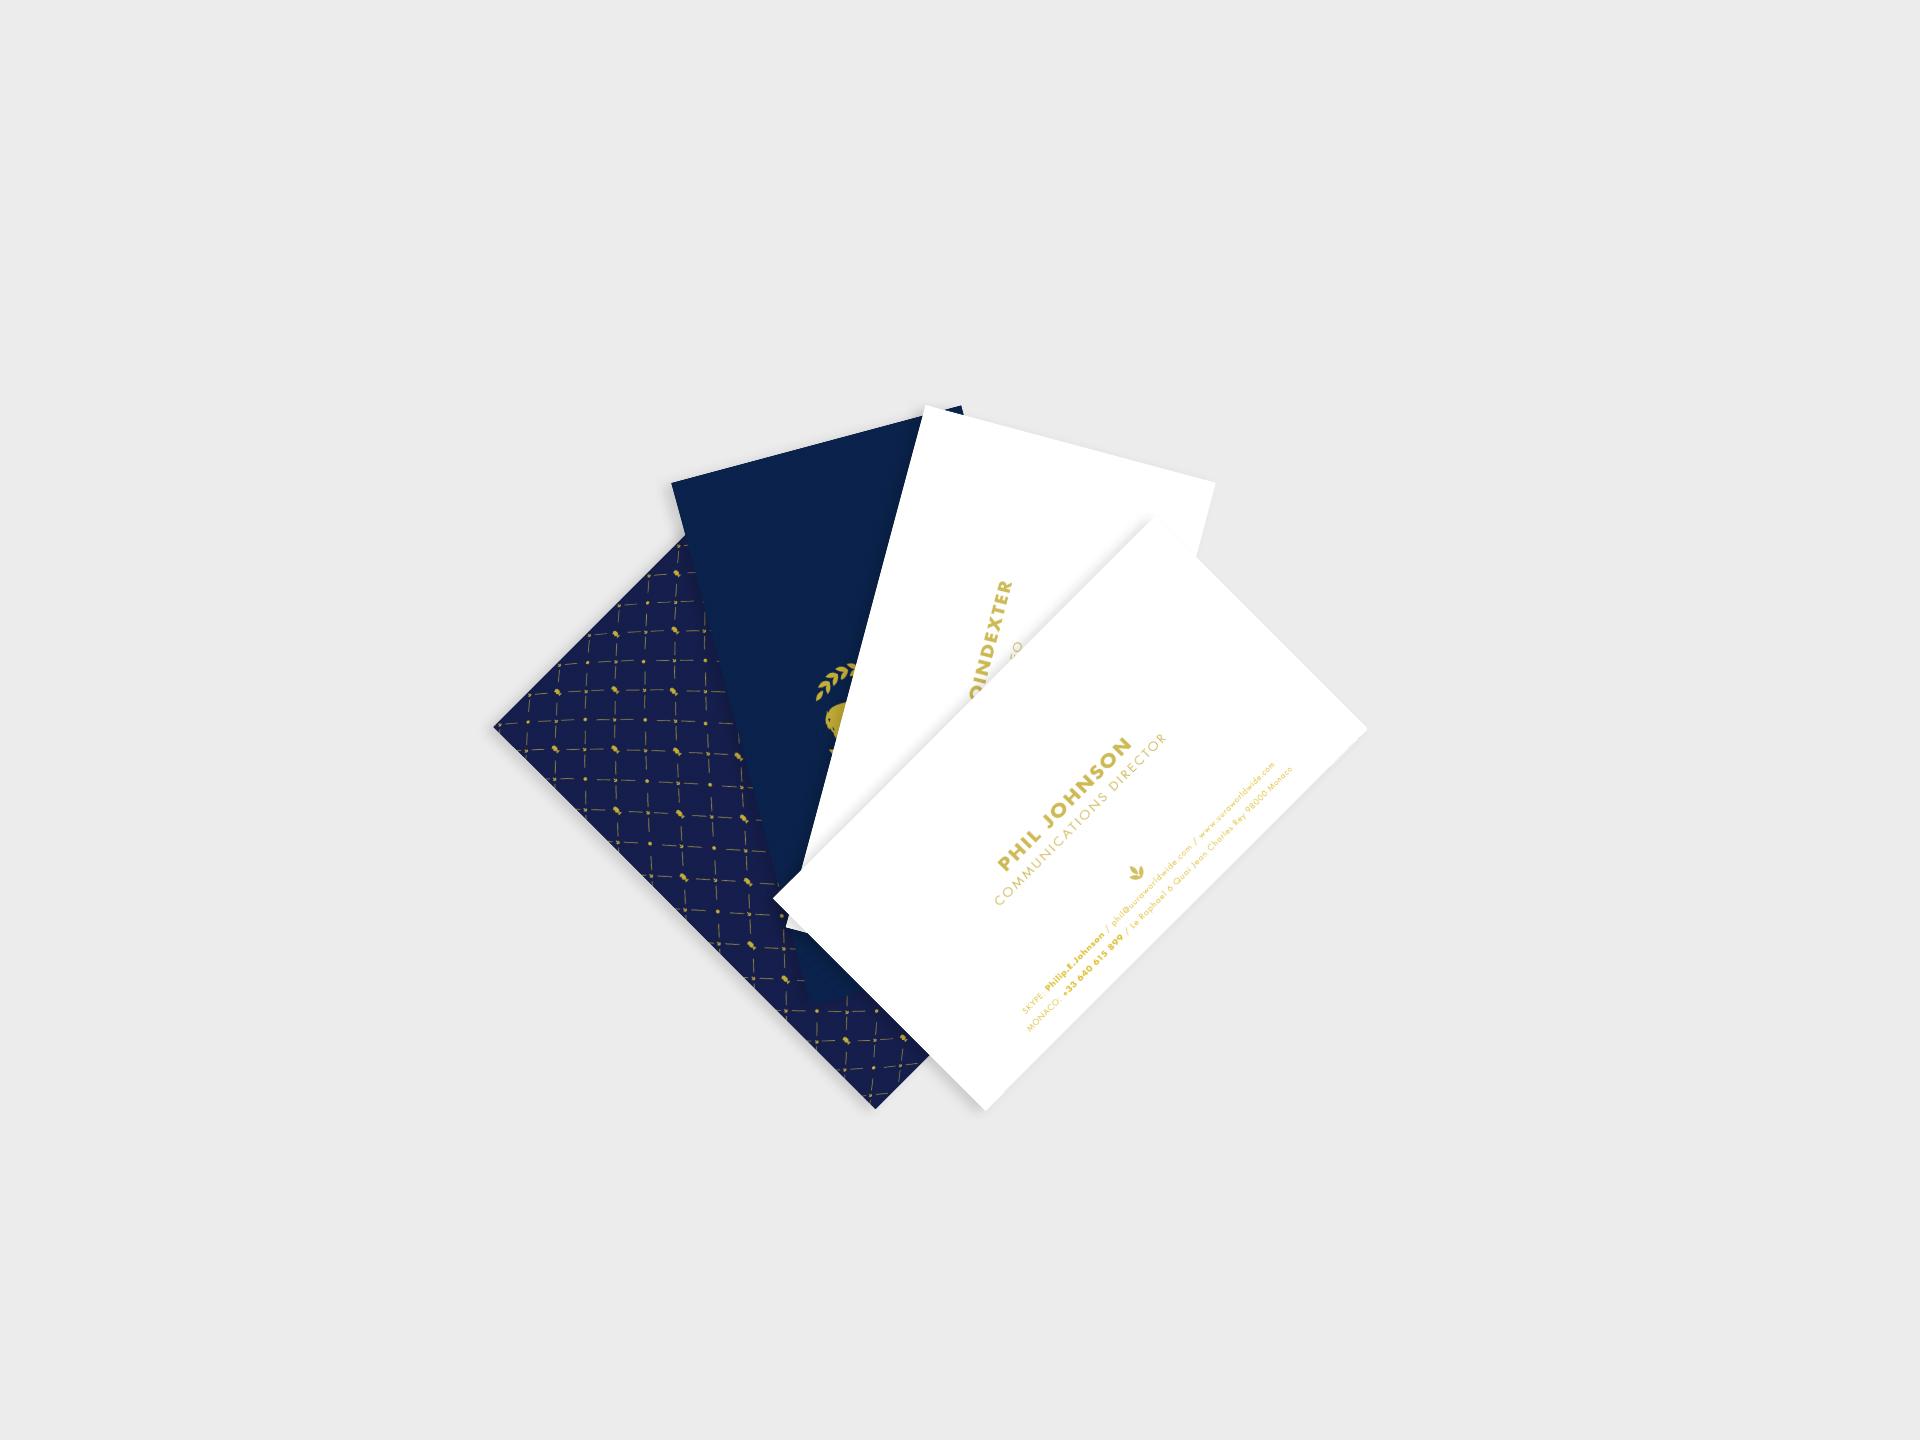 jhonatan-medina-caguana_uura_tarjetas_2_a2016